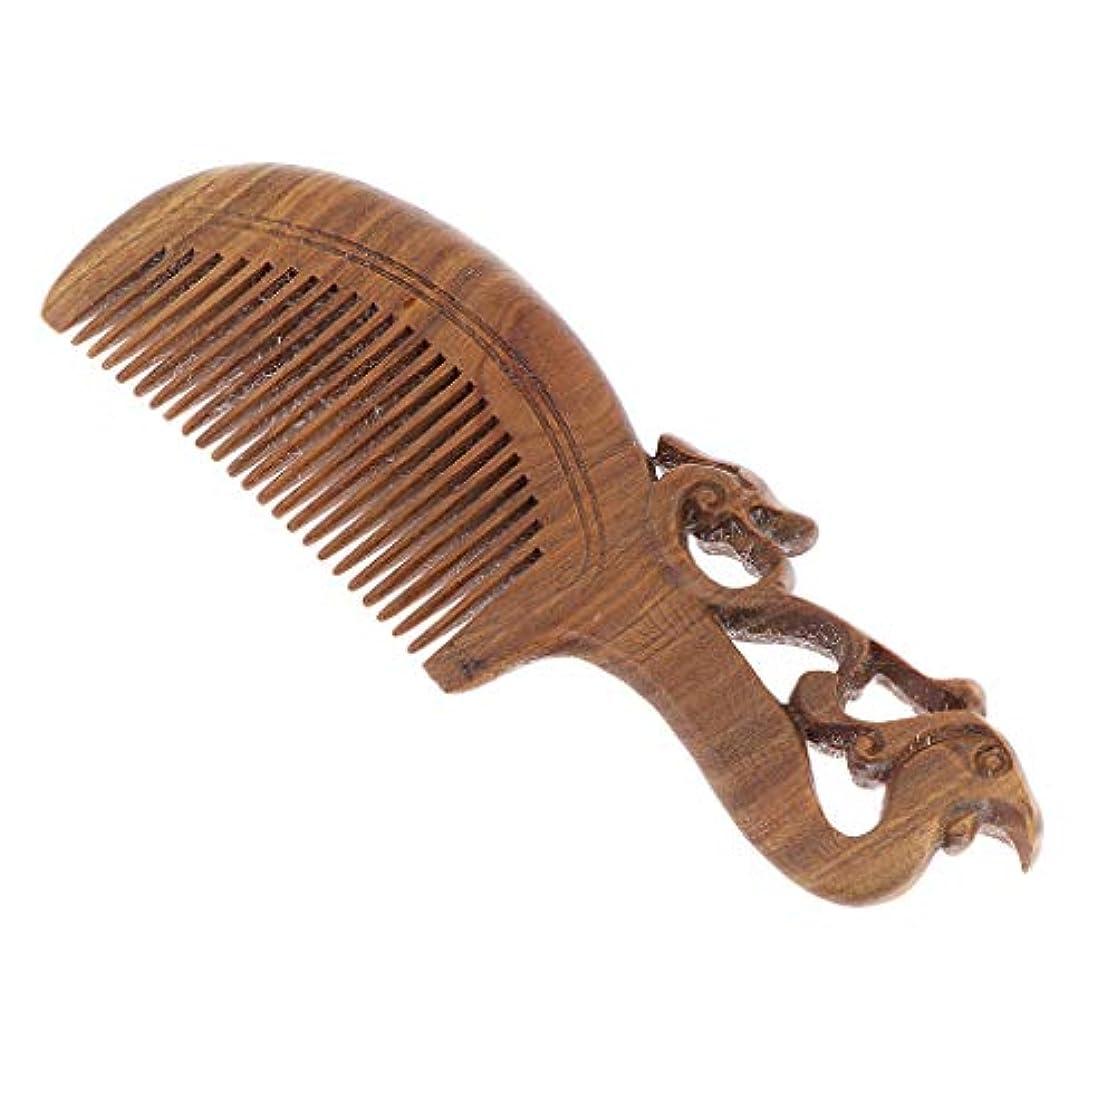 さまよう雑草音楽家F Fityle ウッドコーム 木製櫛 プレゼント 頭皮マッサージ レトロ 手作り 高品質 4タイプ選べ   - 17 x 5.5 x 1.2 cm